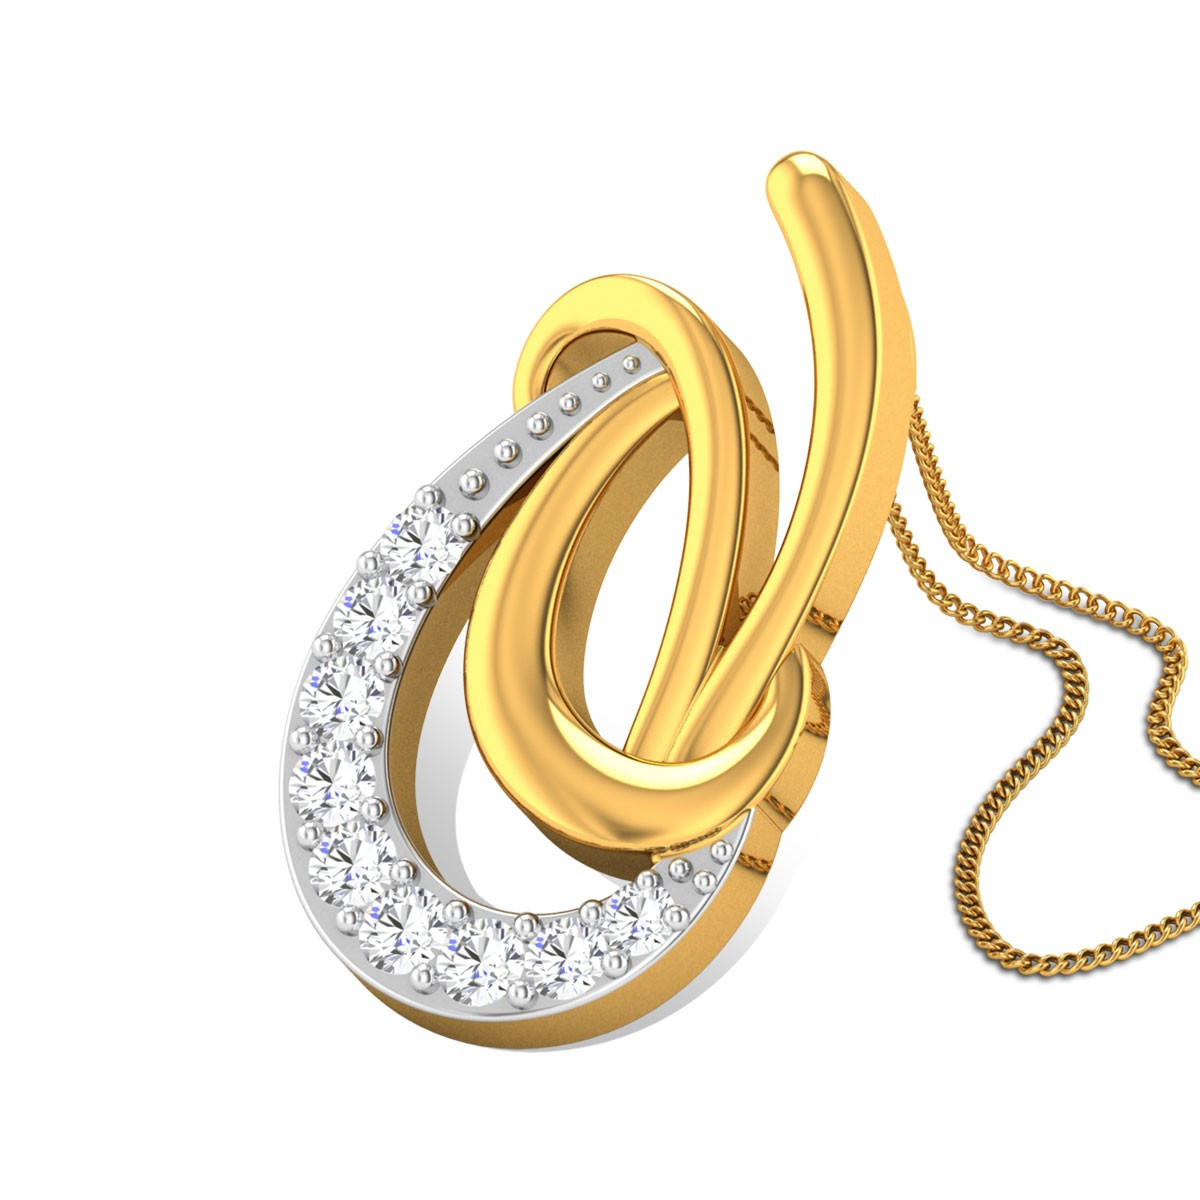 Alerion Diamond Pendant